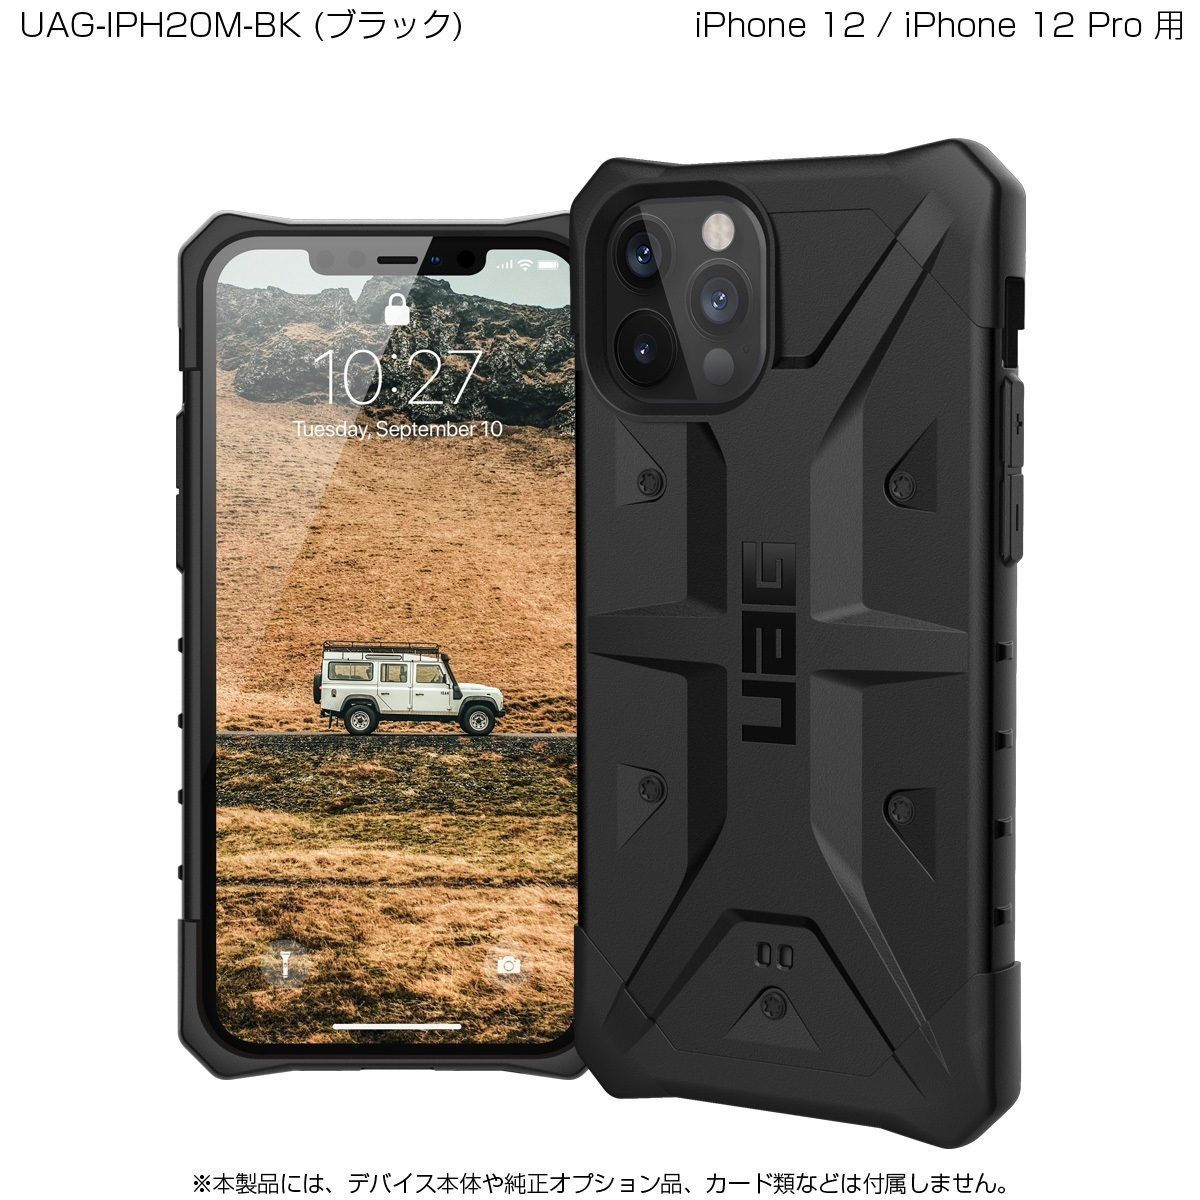 UAG iPhone 12 Pro/ 12用 PATHFINDERケース スタンダード 全6色 耐衝撃 UAG-IPH20Mシリーズ 6.1インチ